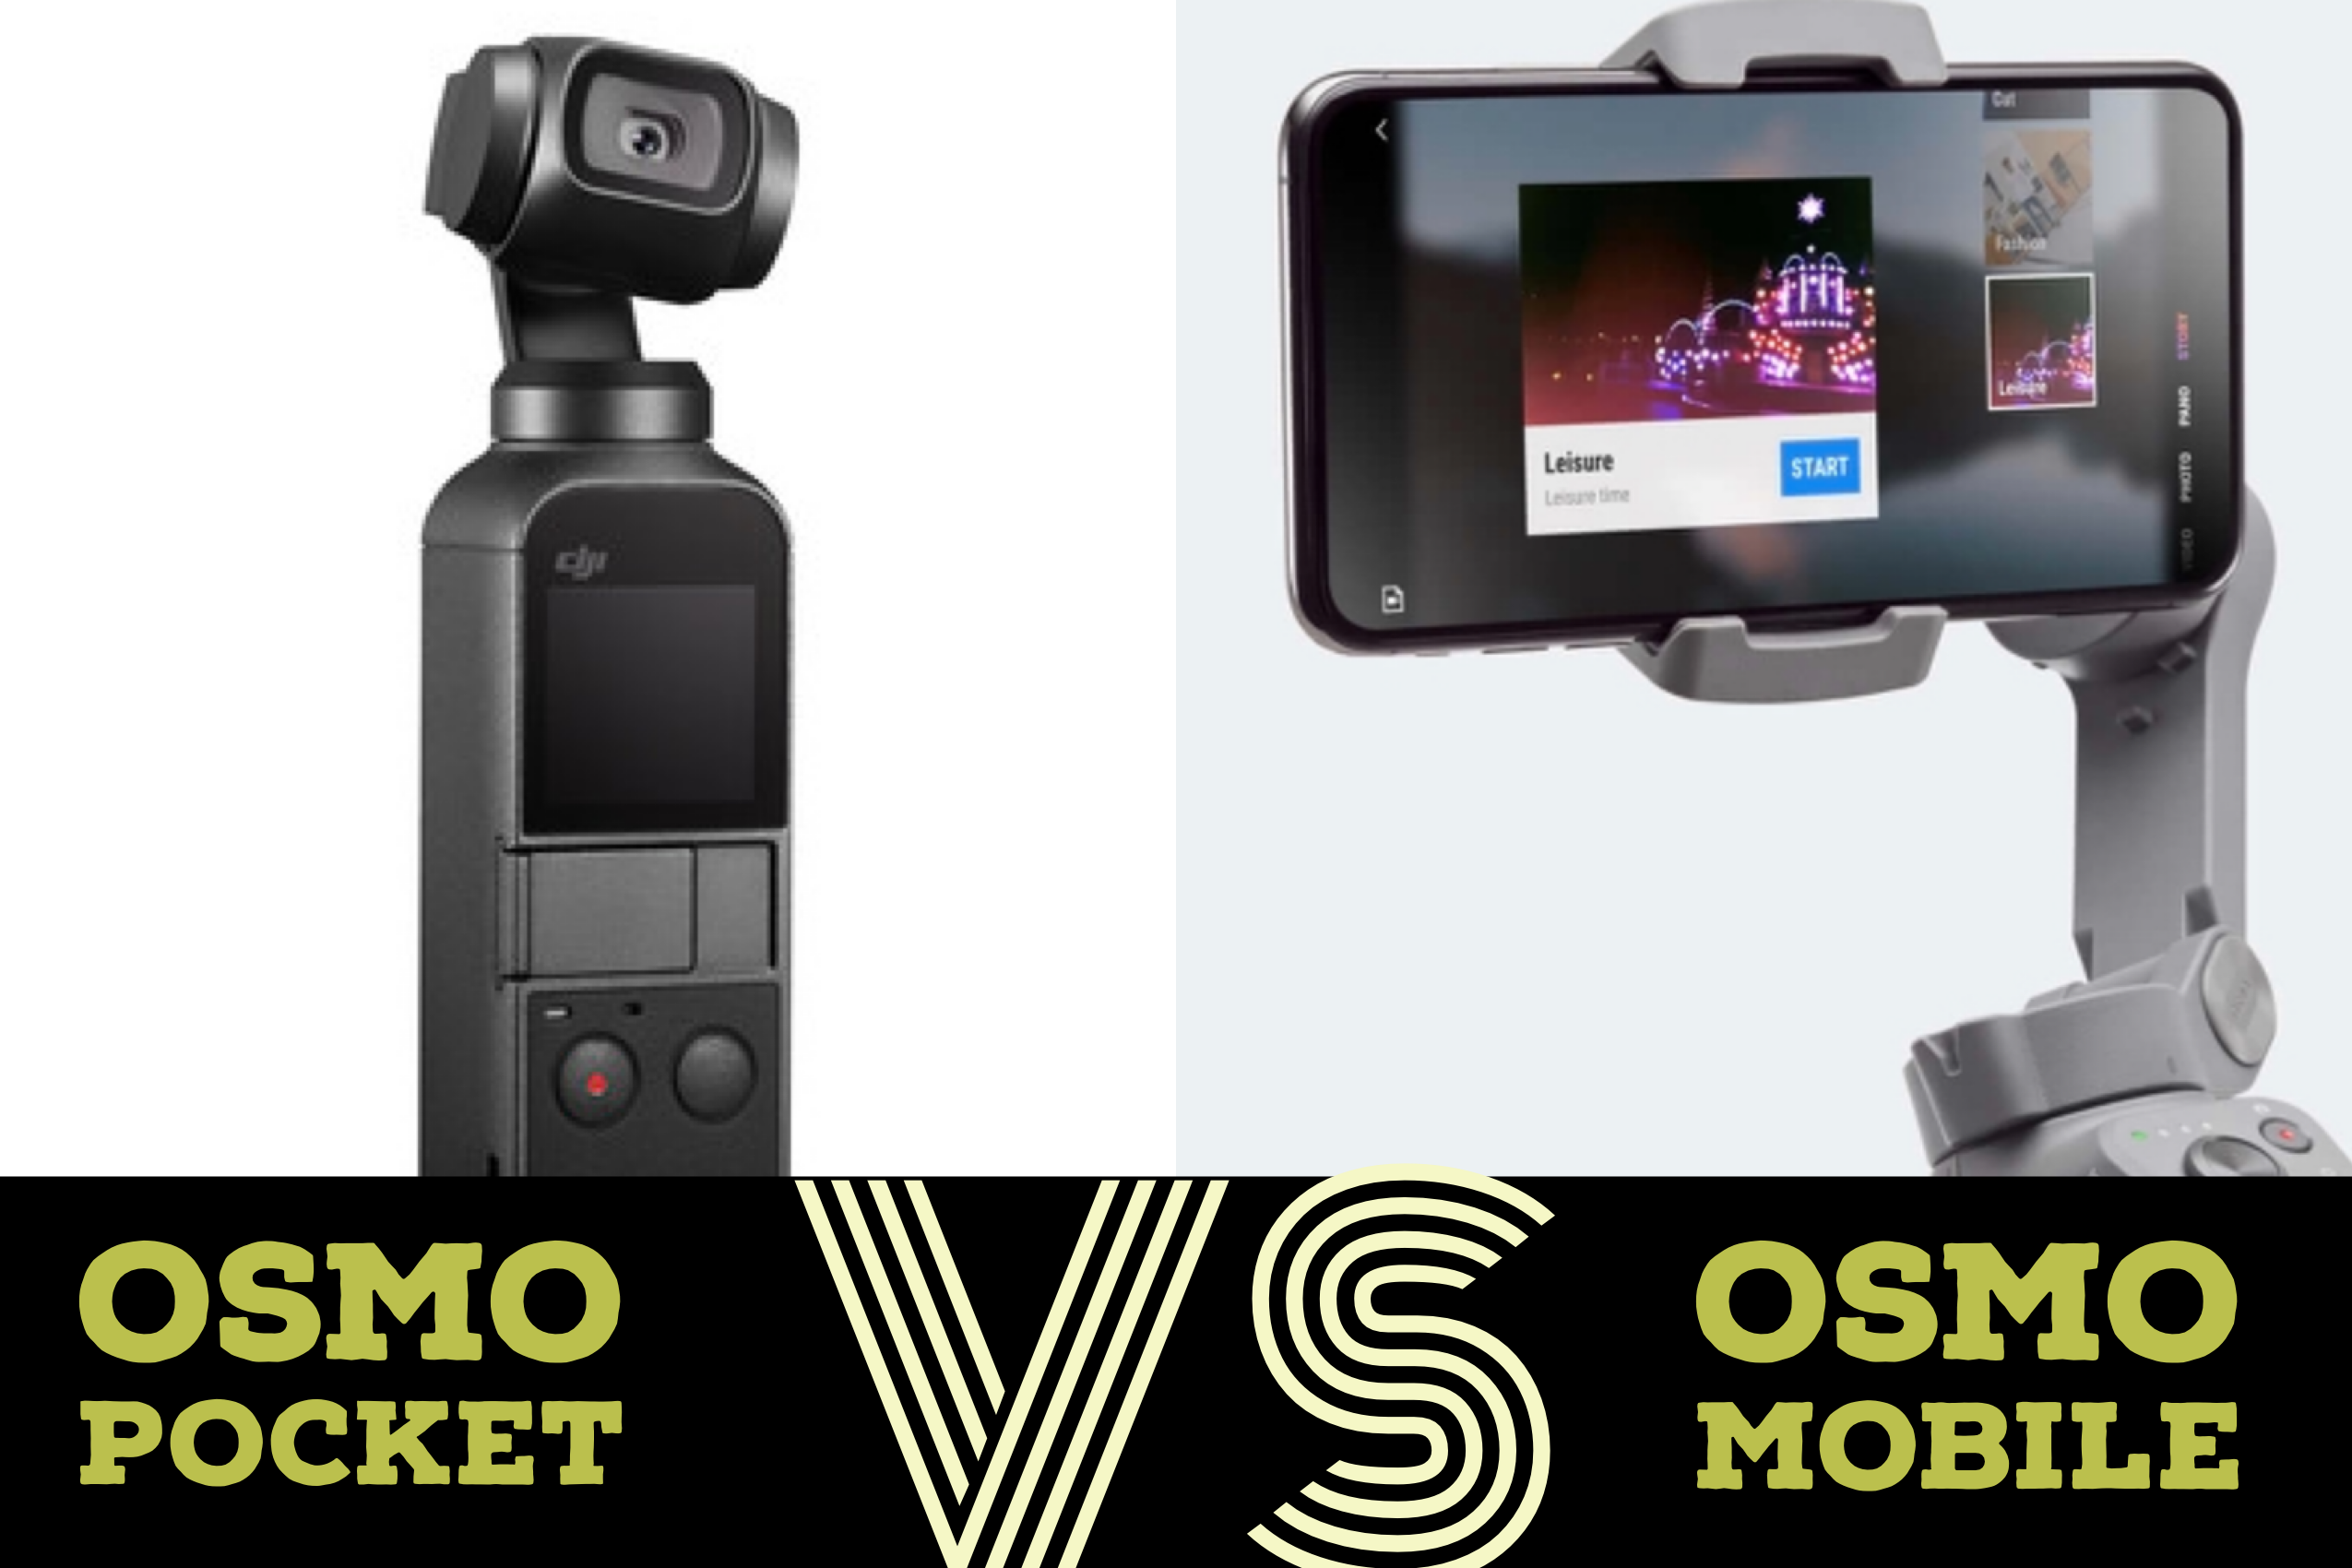 徹底比較!Osmo Pocket VS Osmo mobile どちらが買い?